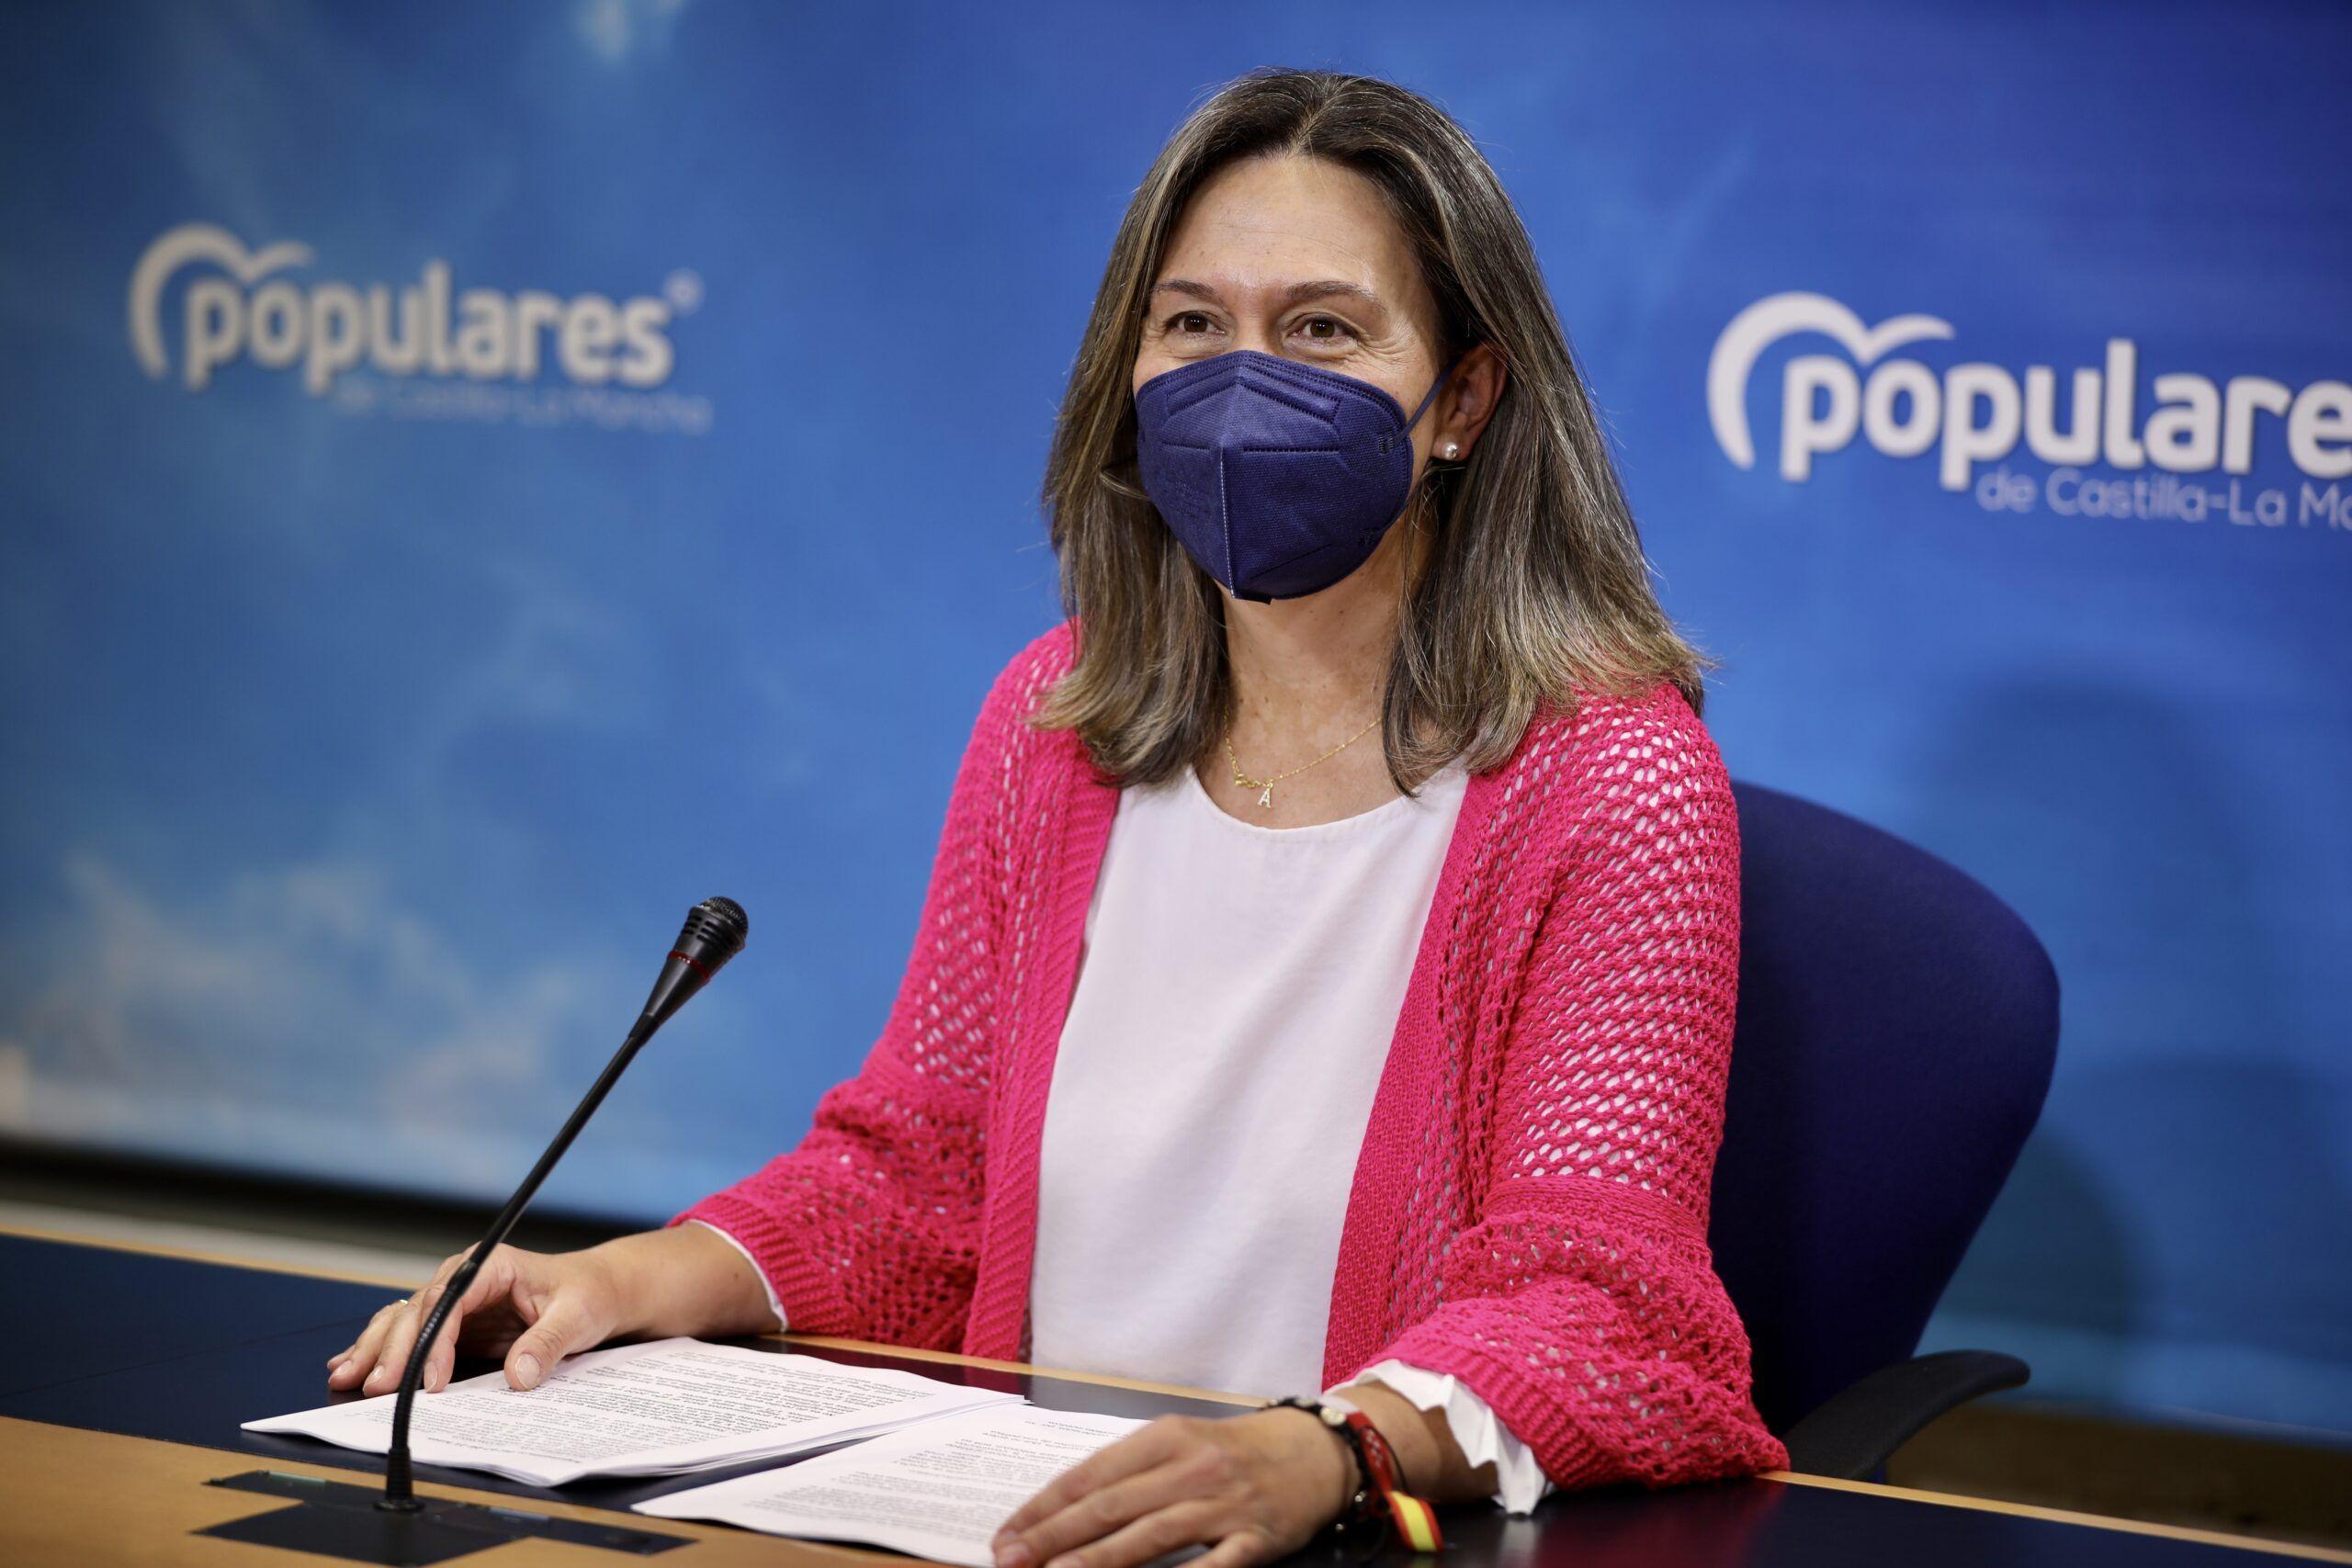 Guarinos exige a Gutiérrez y a los diputados nacionales socialistas que aclaren su posición con respecto a los indultos de Sánchez